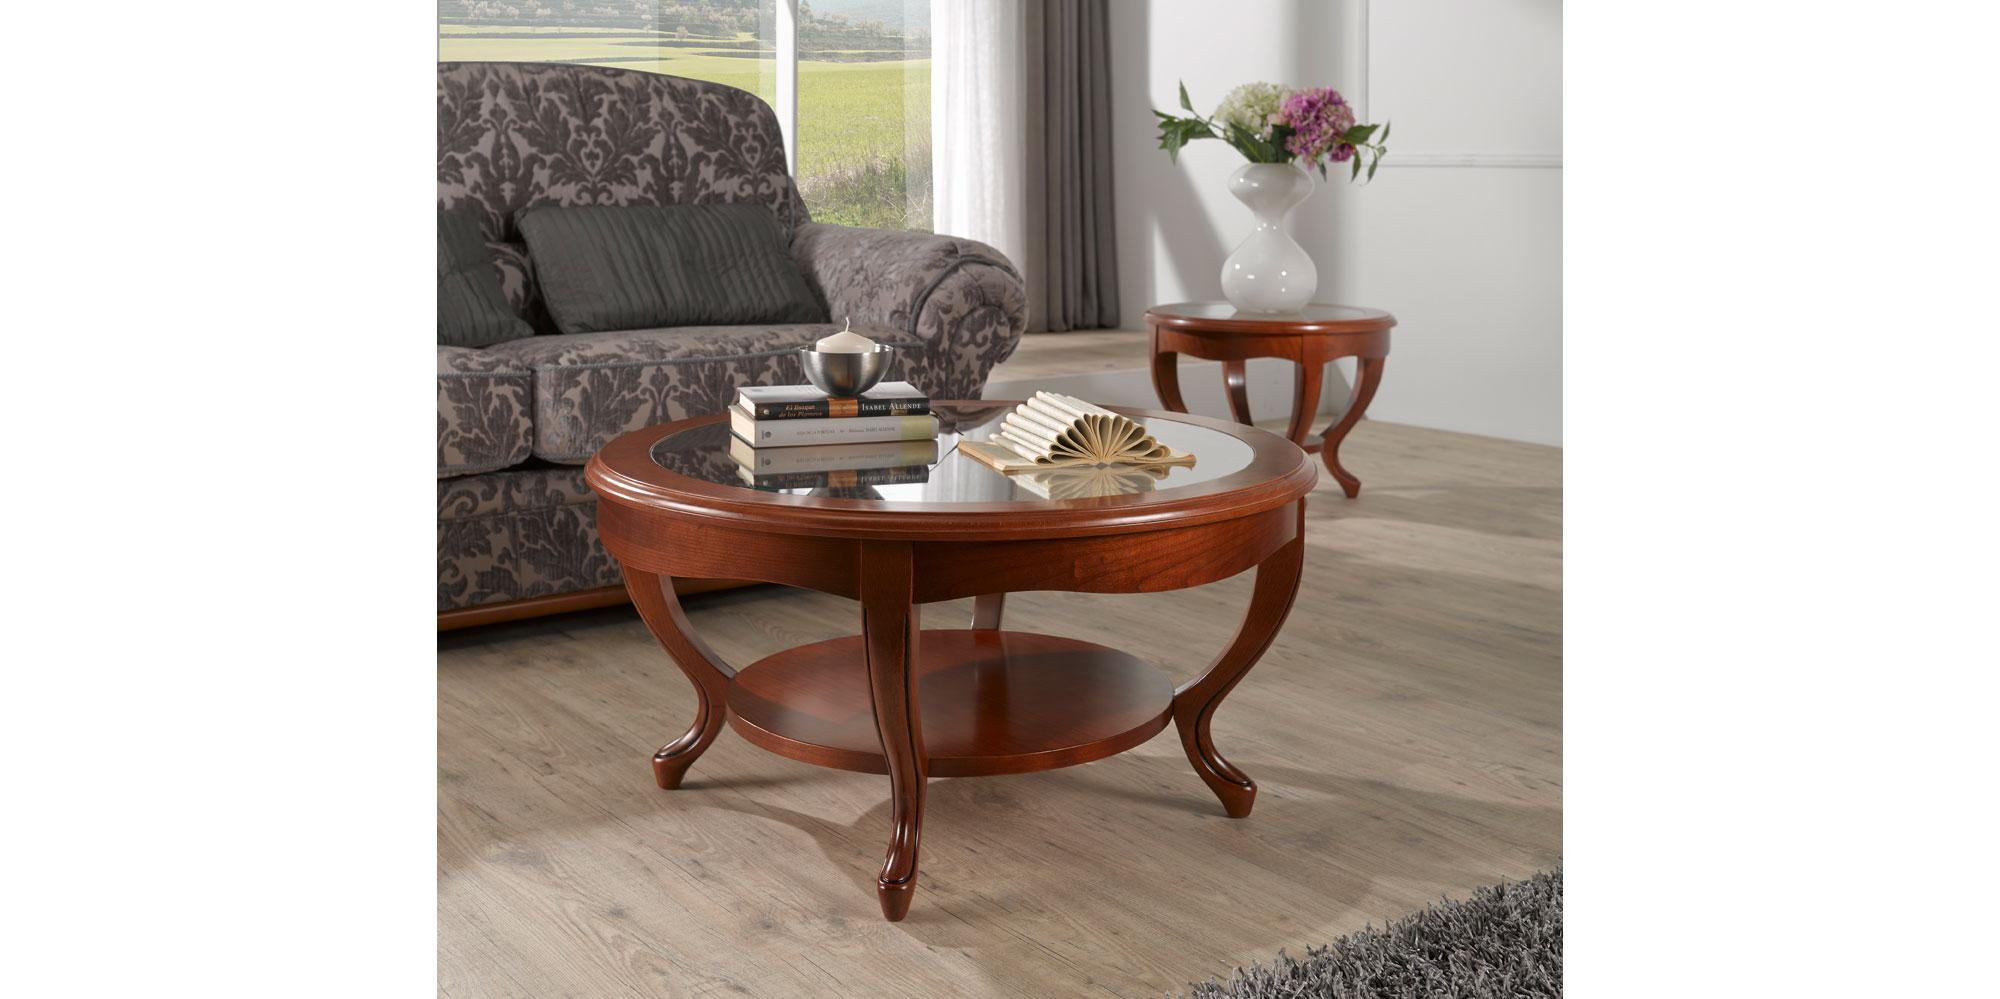 Excelente Muebles Mesa De Centro Redonda Con Espejo Friso - Muebles ...